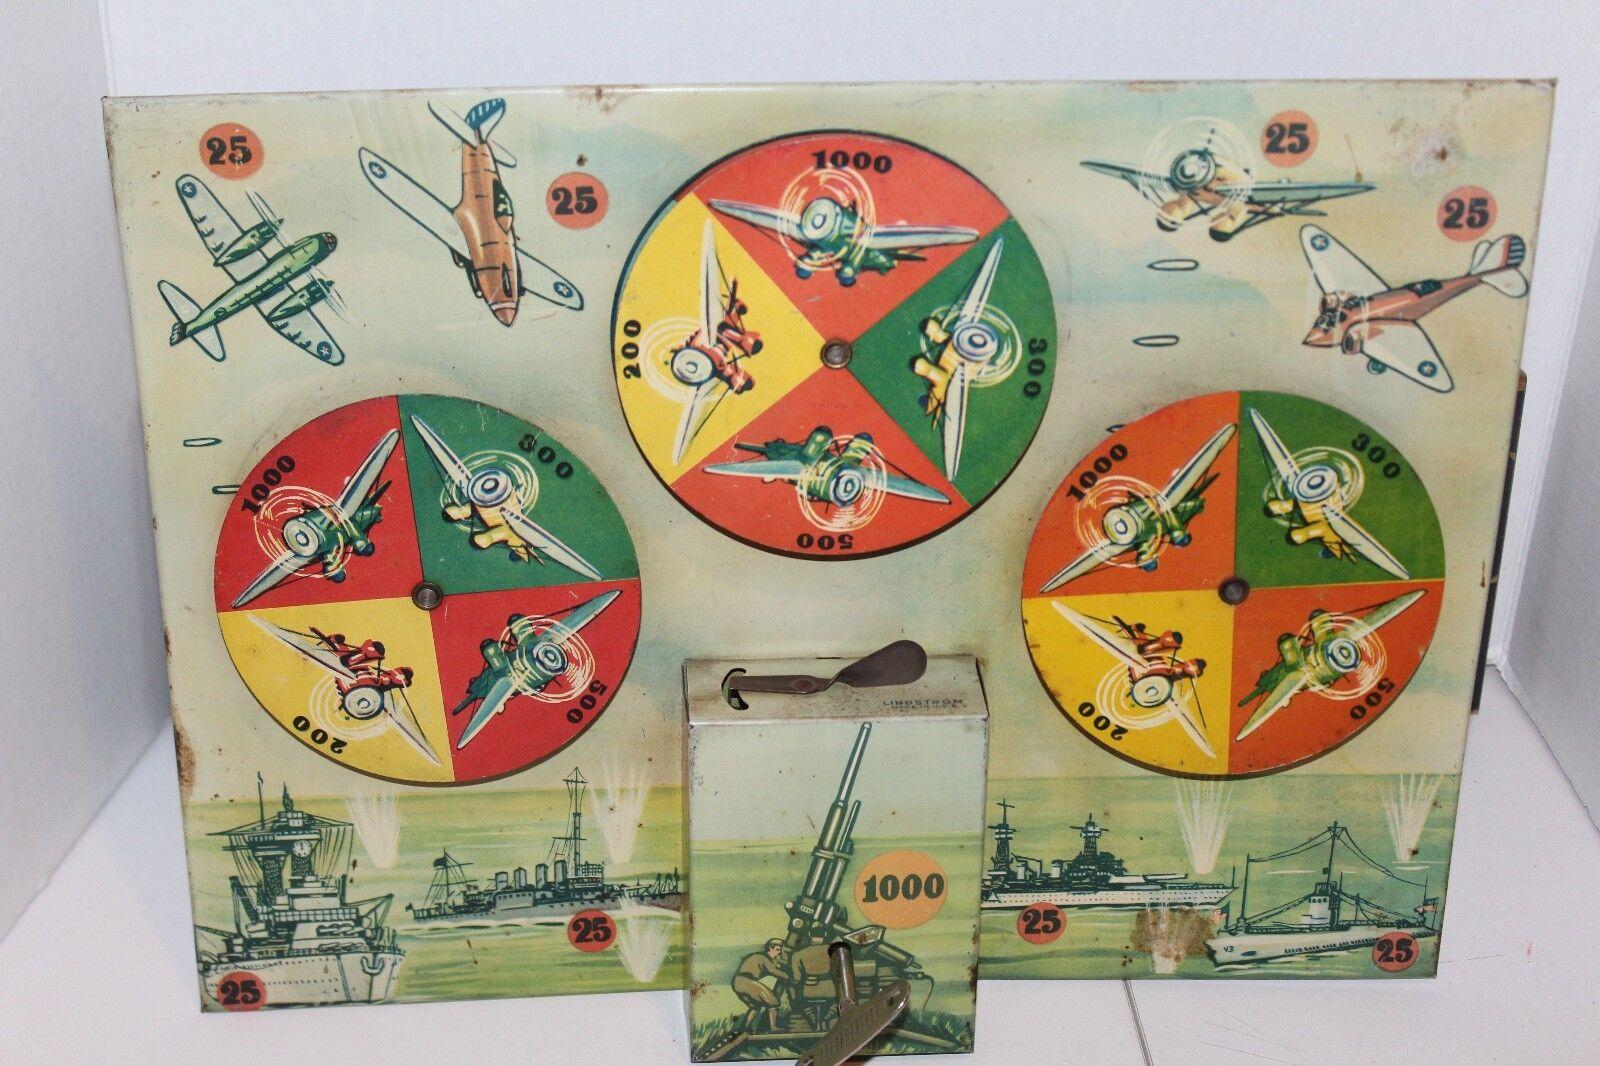 entrega rápida Buen Vintage Lindstrom militar Wind Up Juego de destino destino destino alrojoedor de 1930's-40's  Sin impuestos